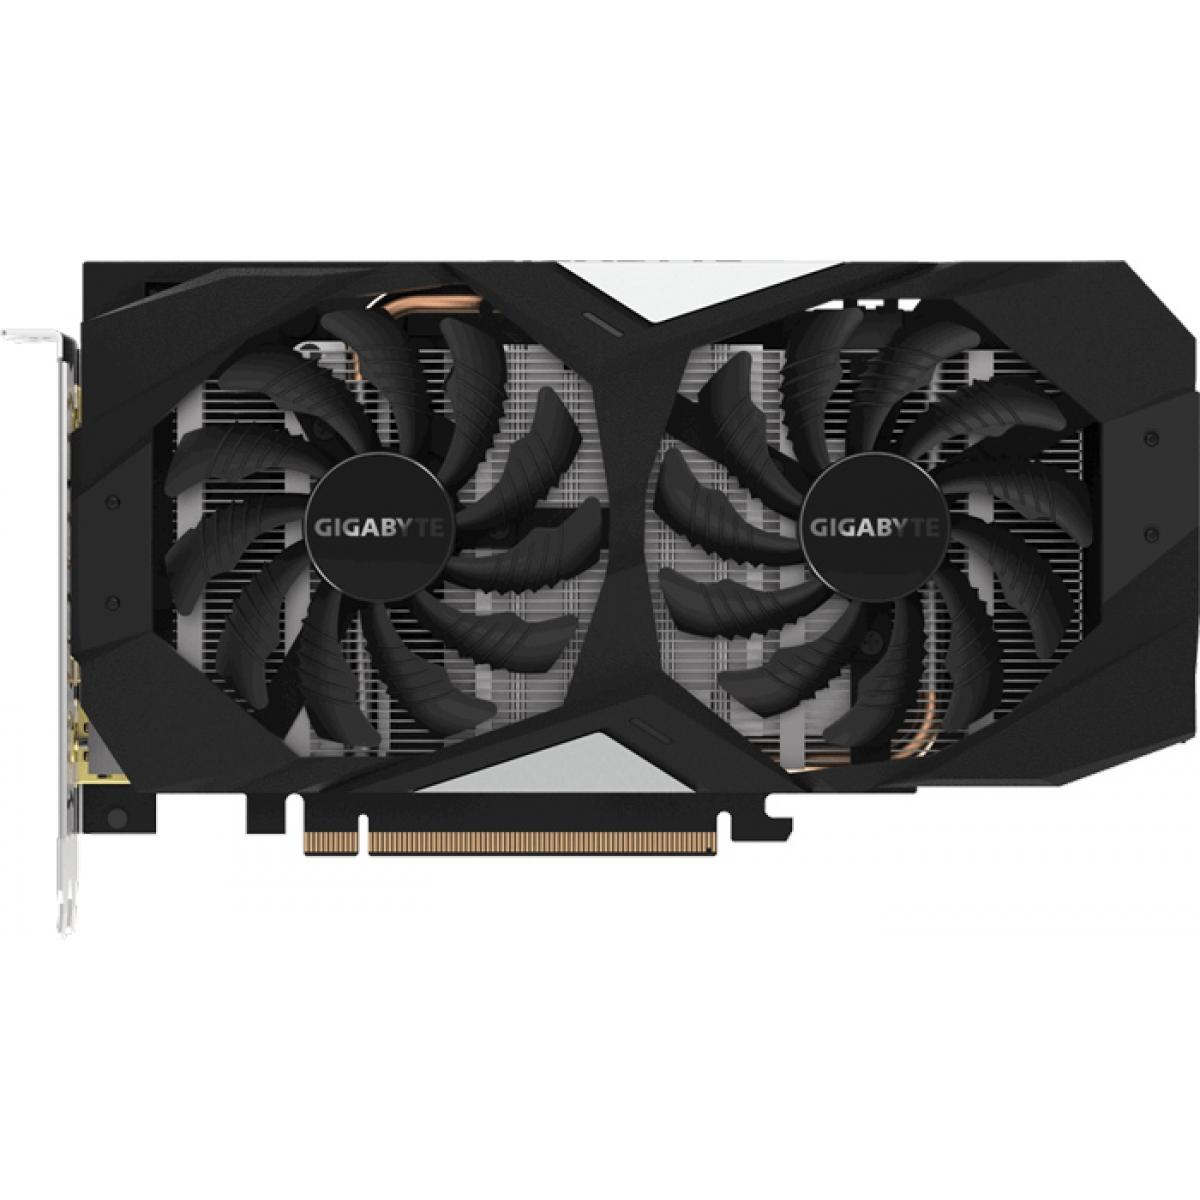 Placa de Vídeo Gigabyte GeForce GTX 1660 OC Dual, 6GB GDDR5, 192Bit, GV-N1660OC-6GD